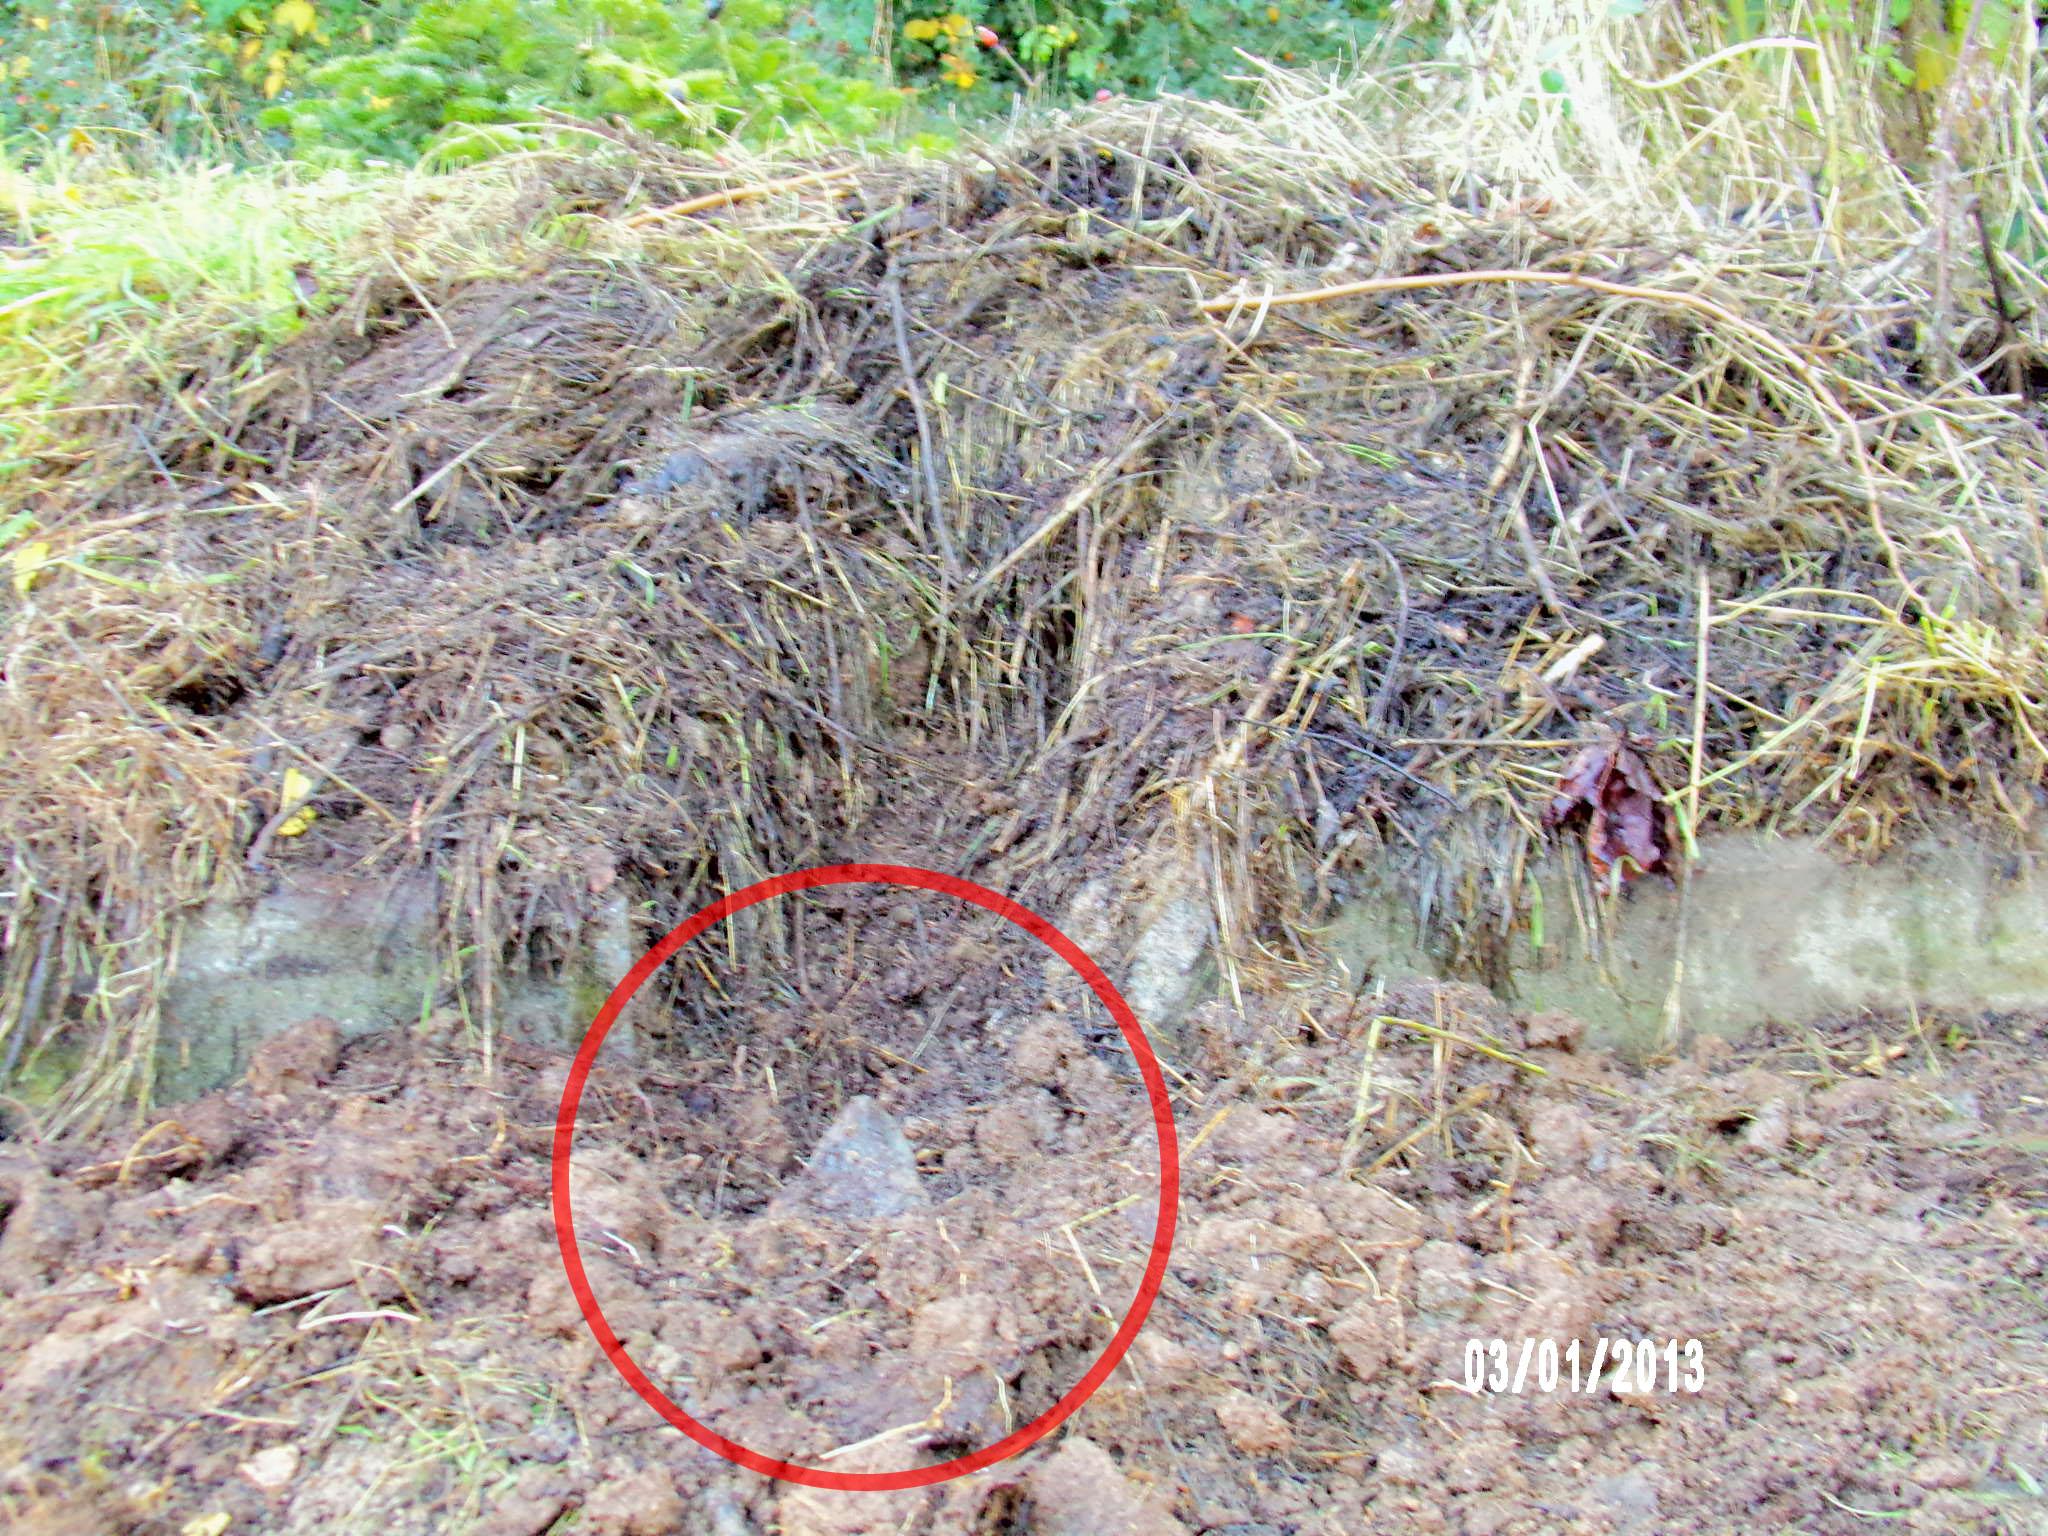 météorite dans son cratère